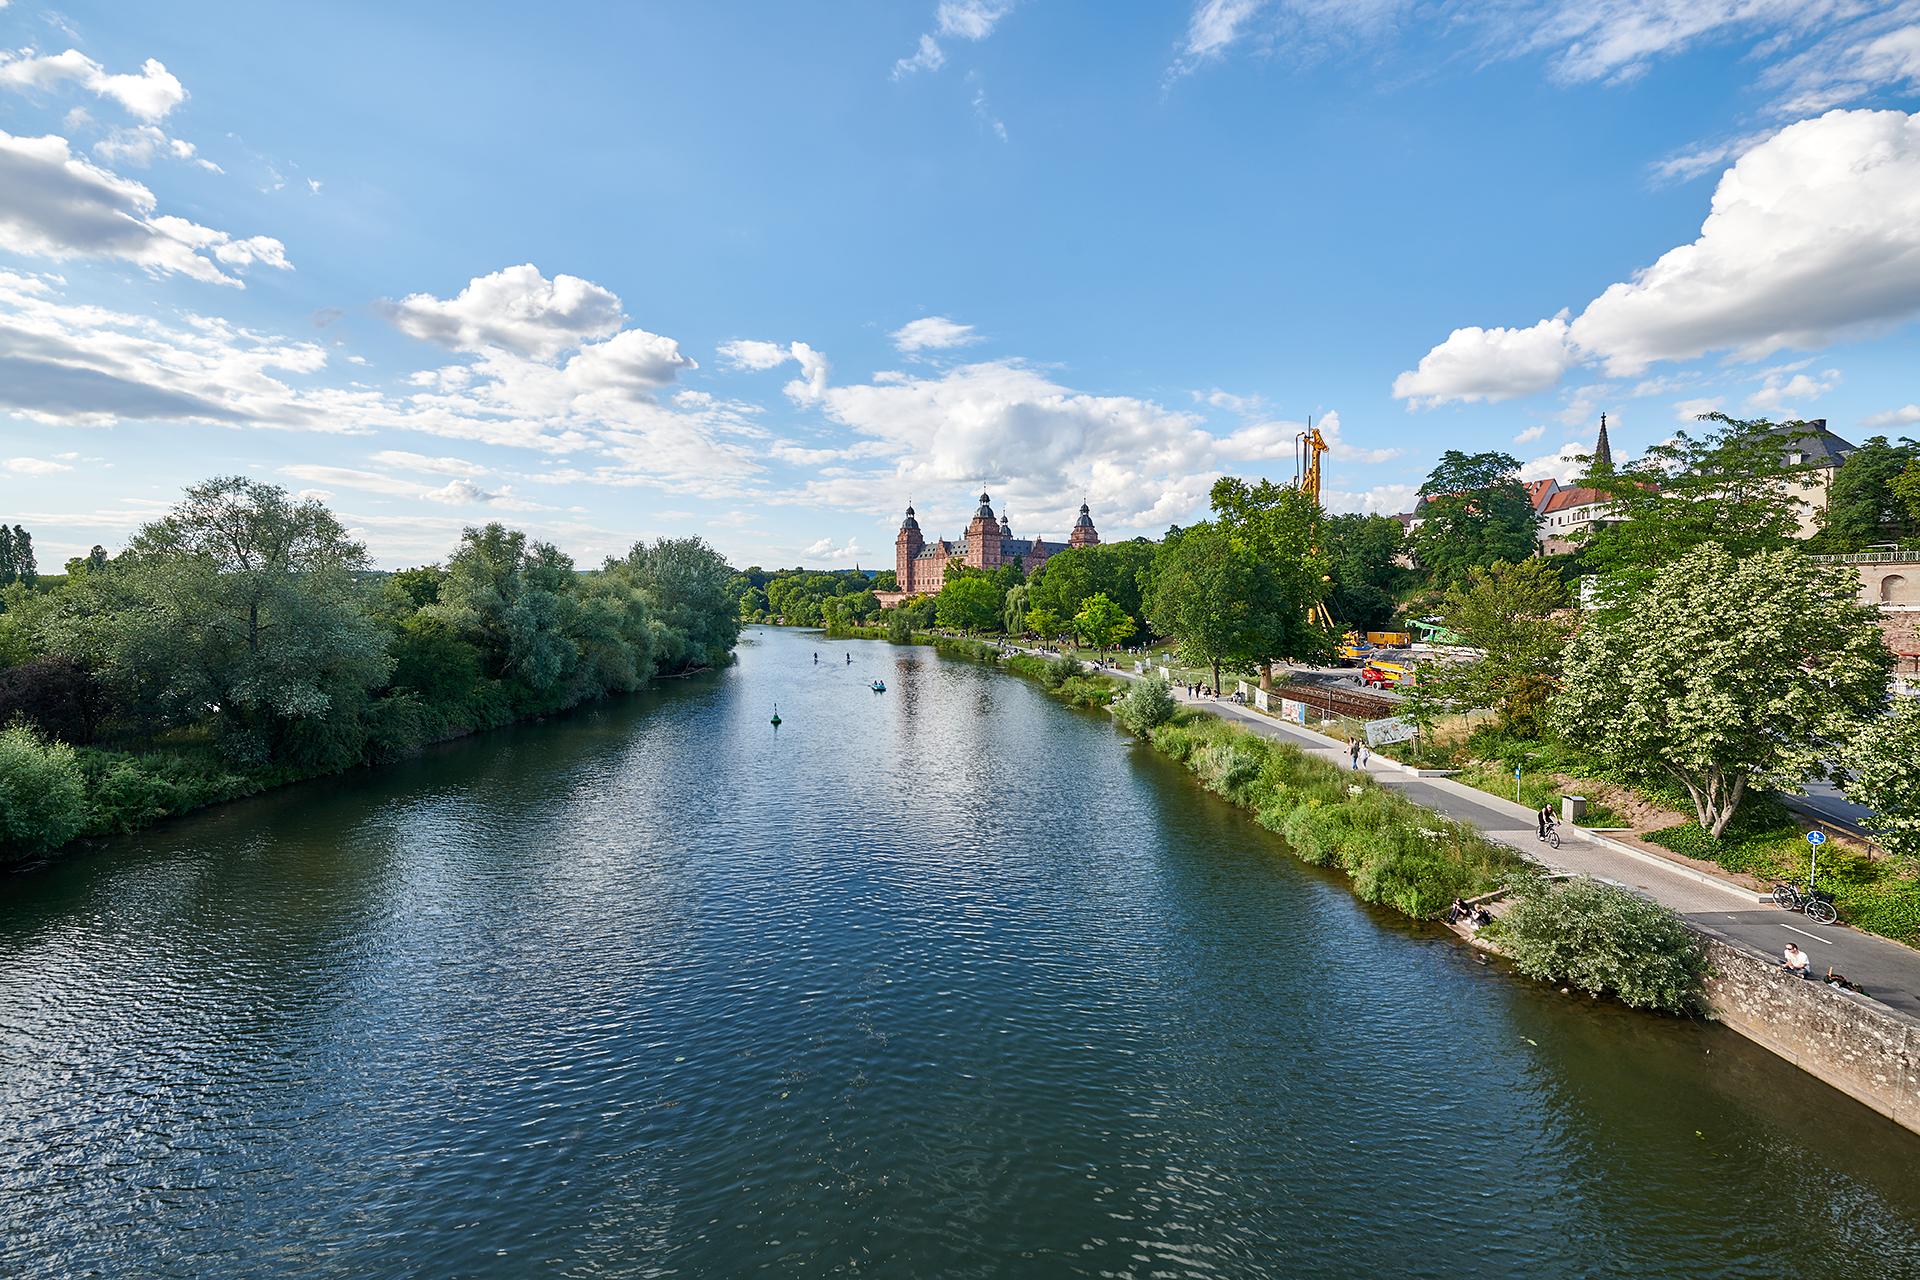 1. Blick von der Willigisbrücke